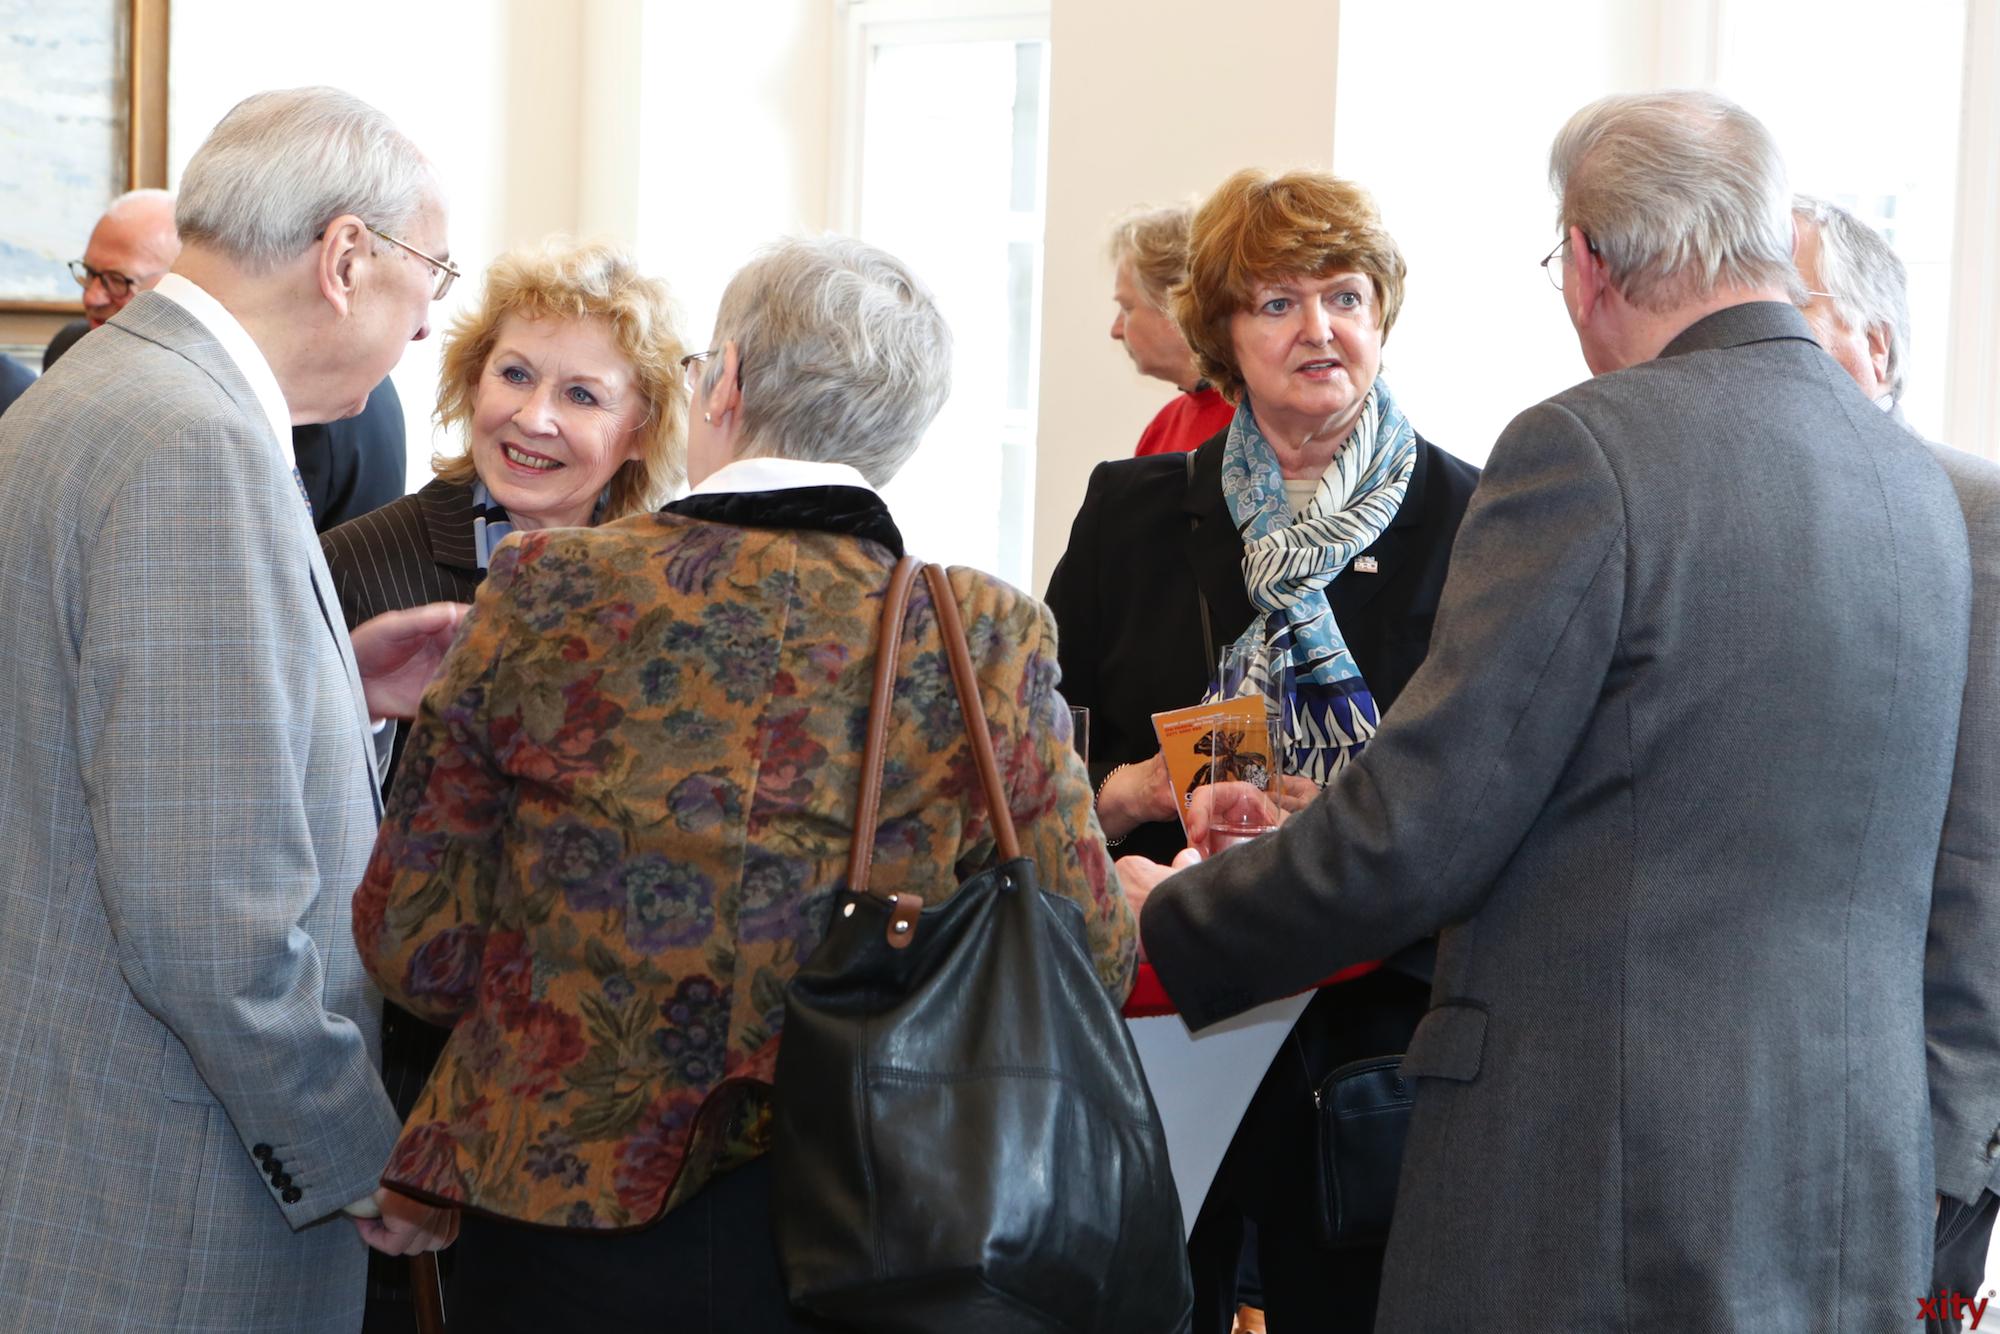 Zahlreiche Gäste fanden den Weg in den Jan-Wellem-Saal des Rathauses (Foto: xity)